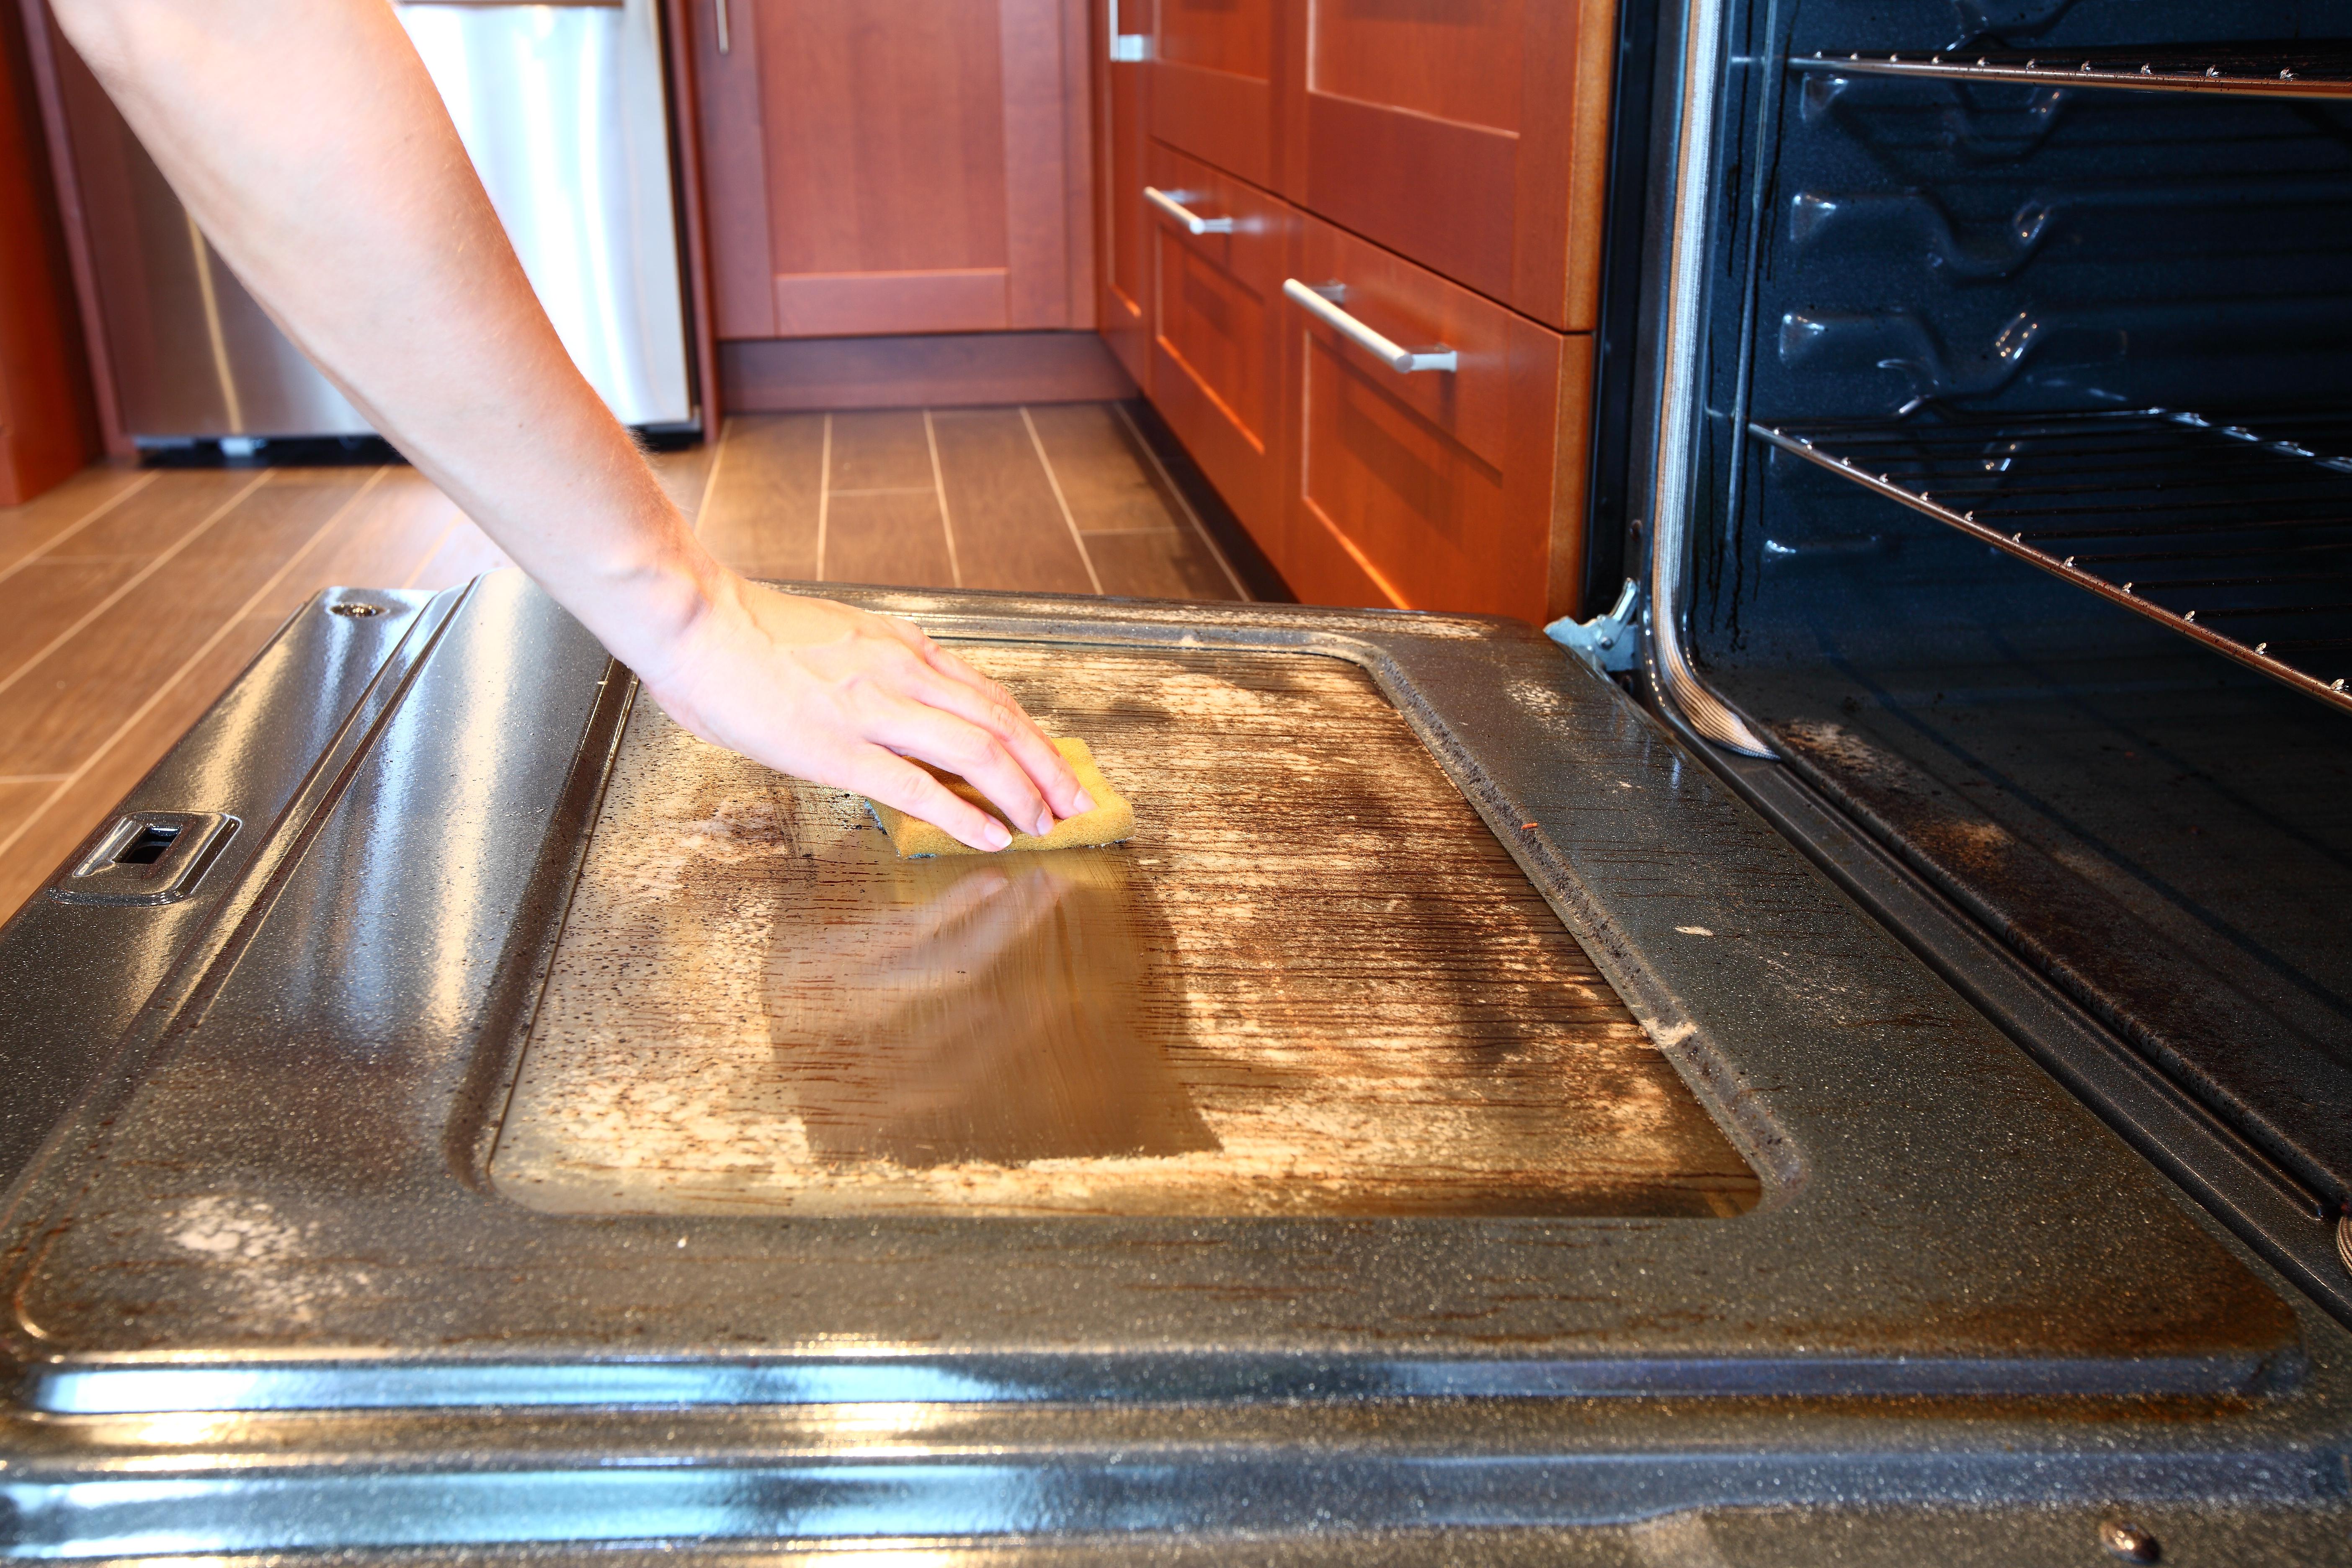 отмыть электрическую духовку, почистить газовую